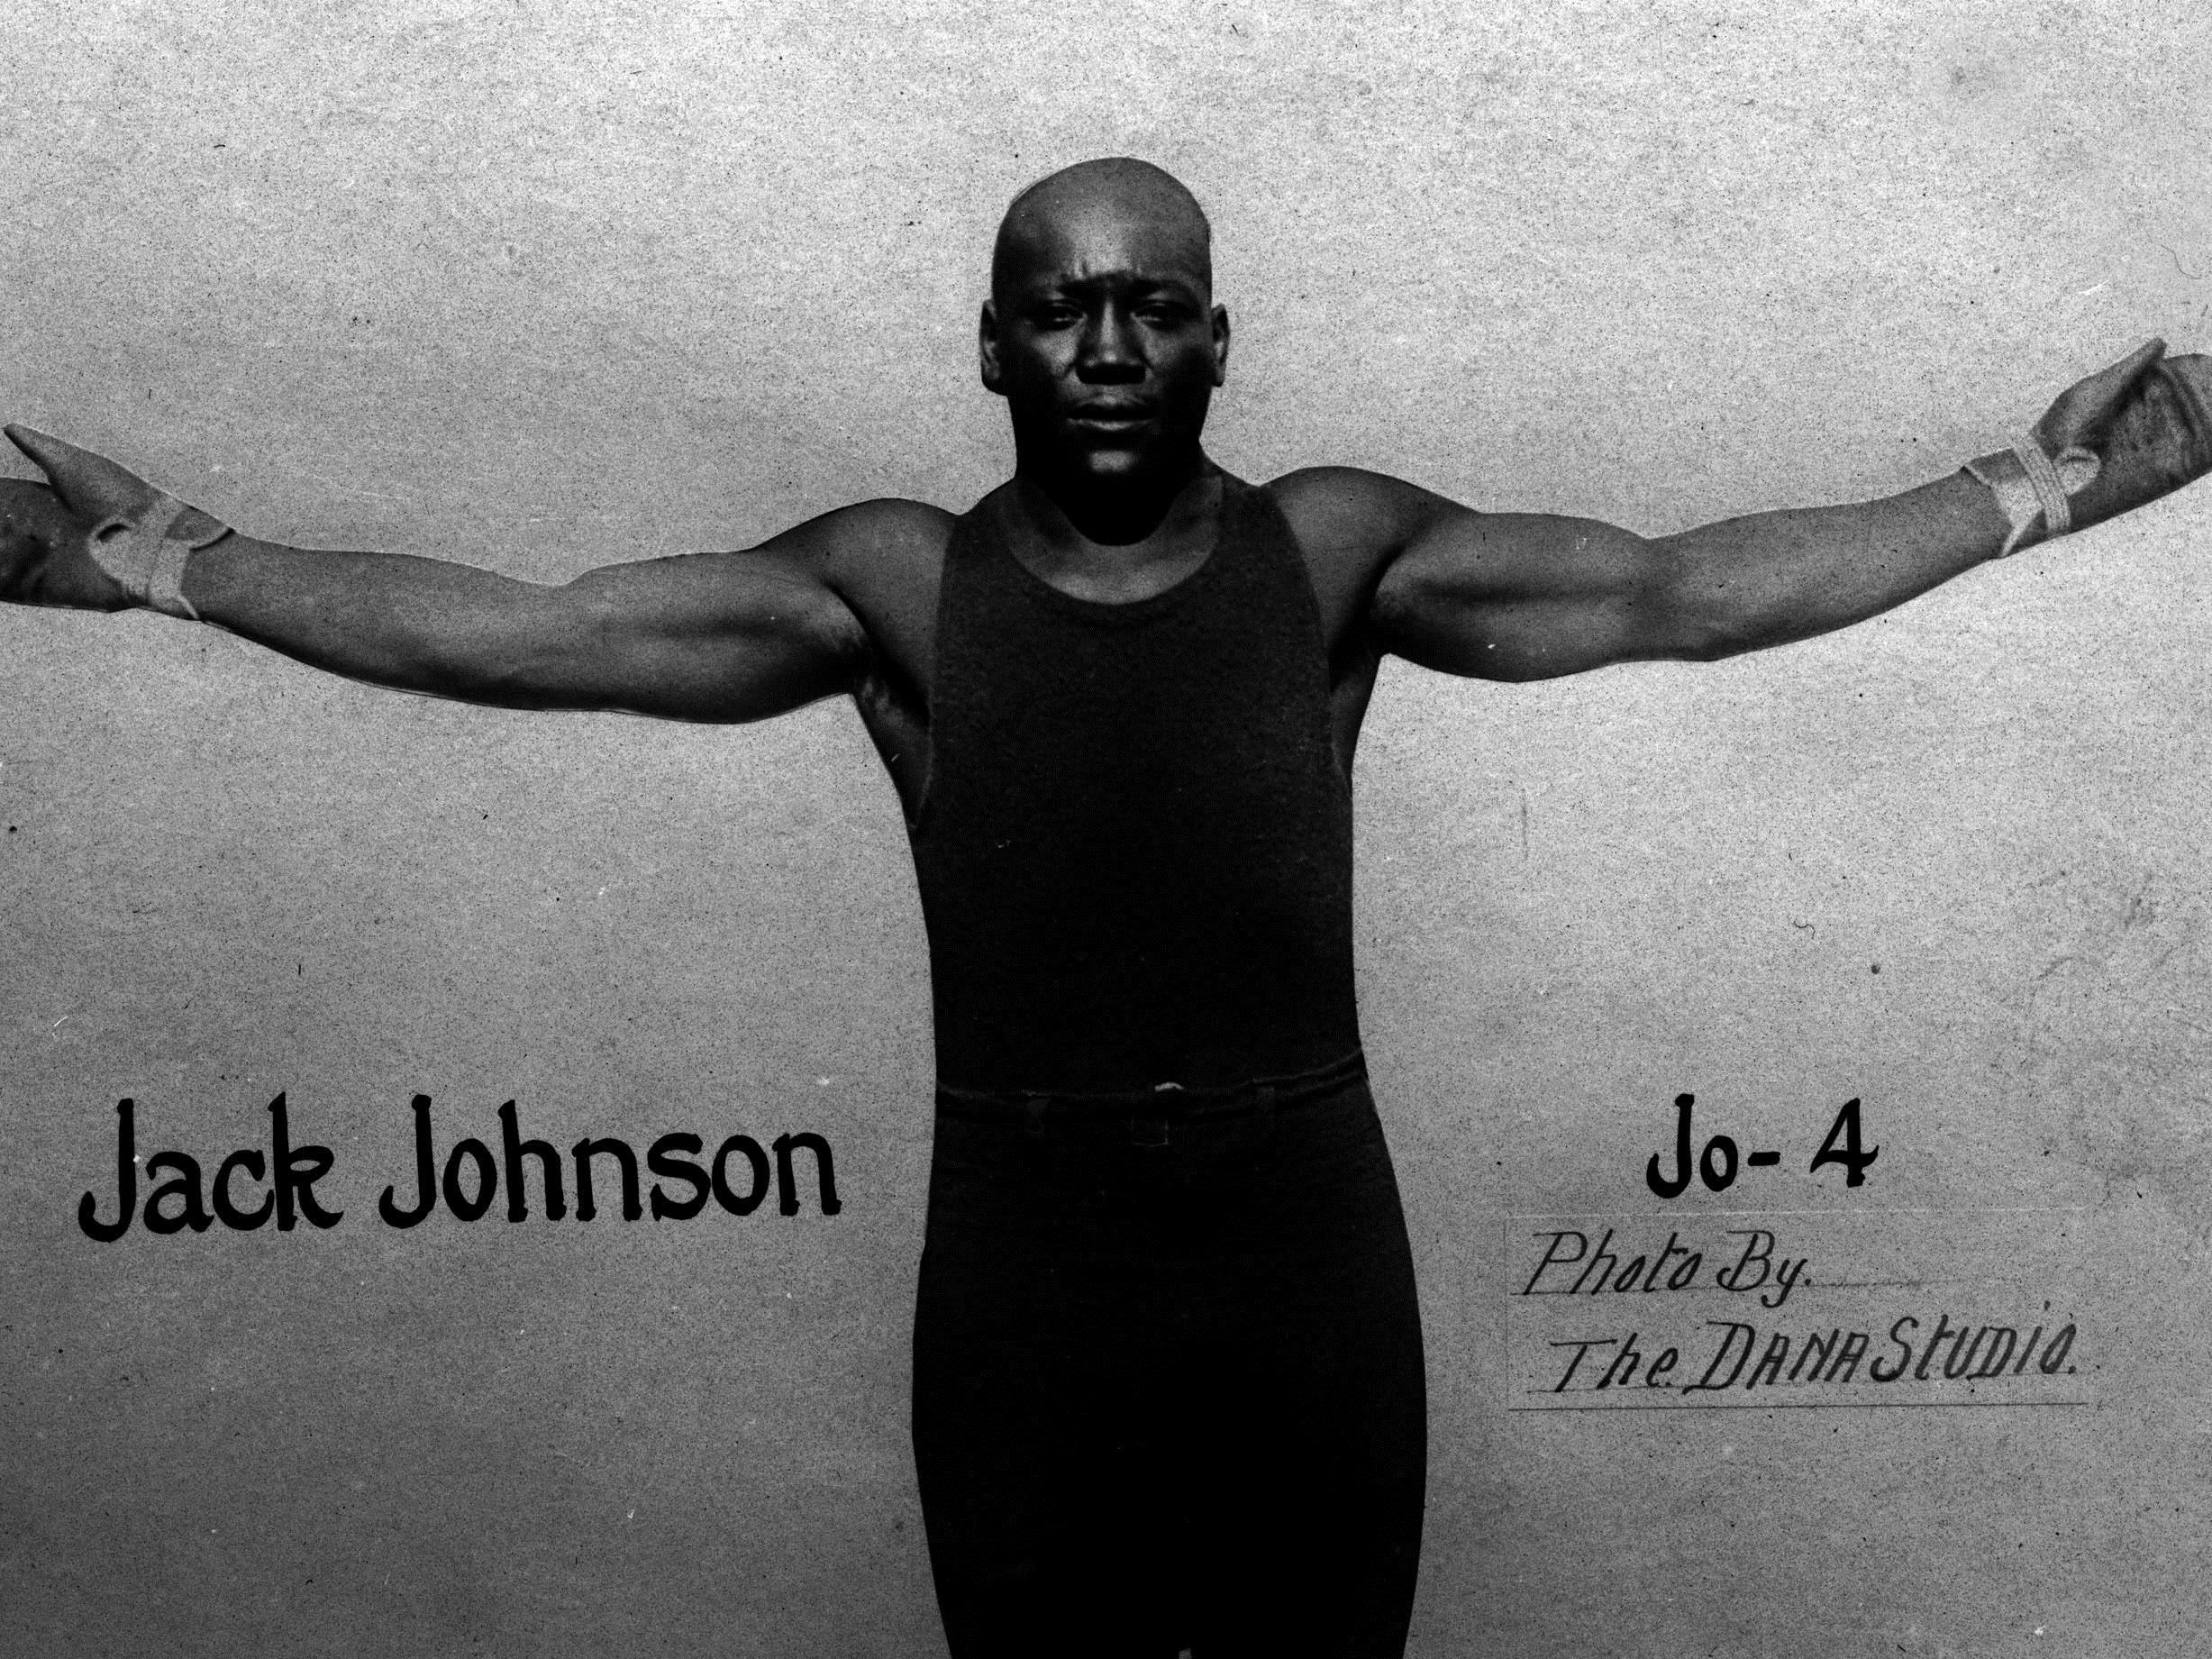 JACK JOHNSON, EL PRIMER ICONO POP DEL PUEBLO AFROAMERICANO